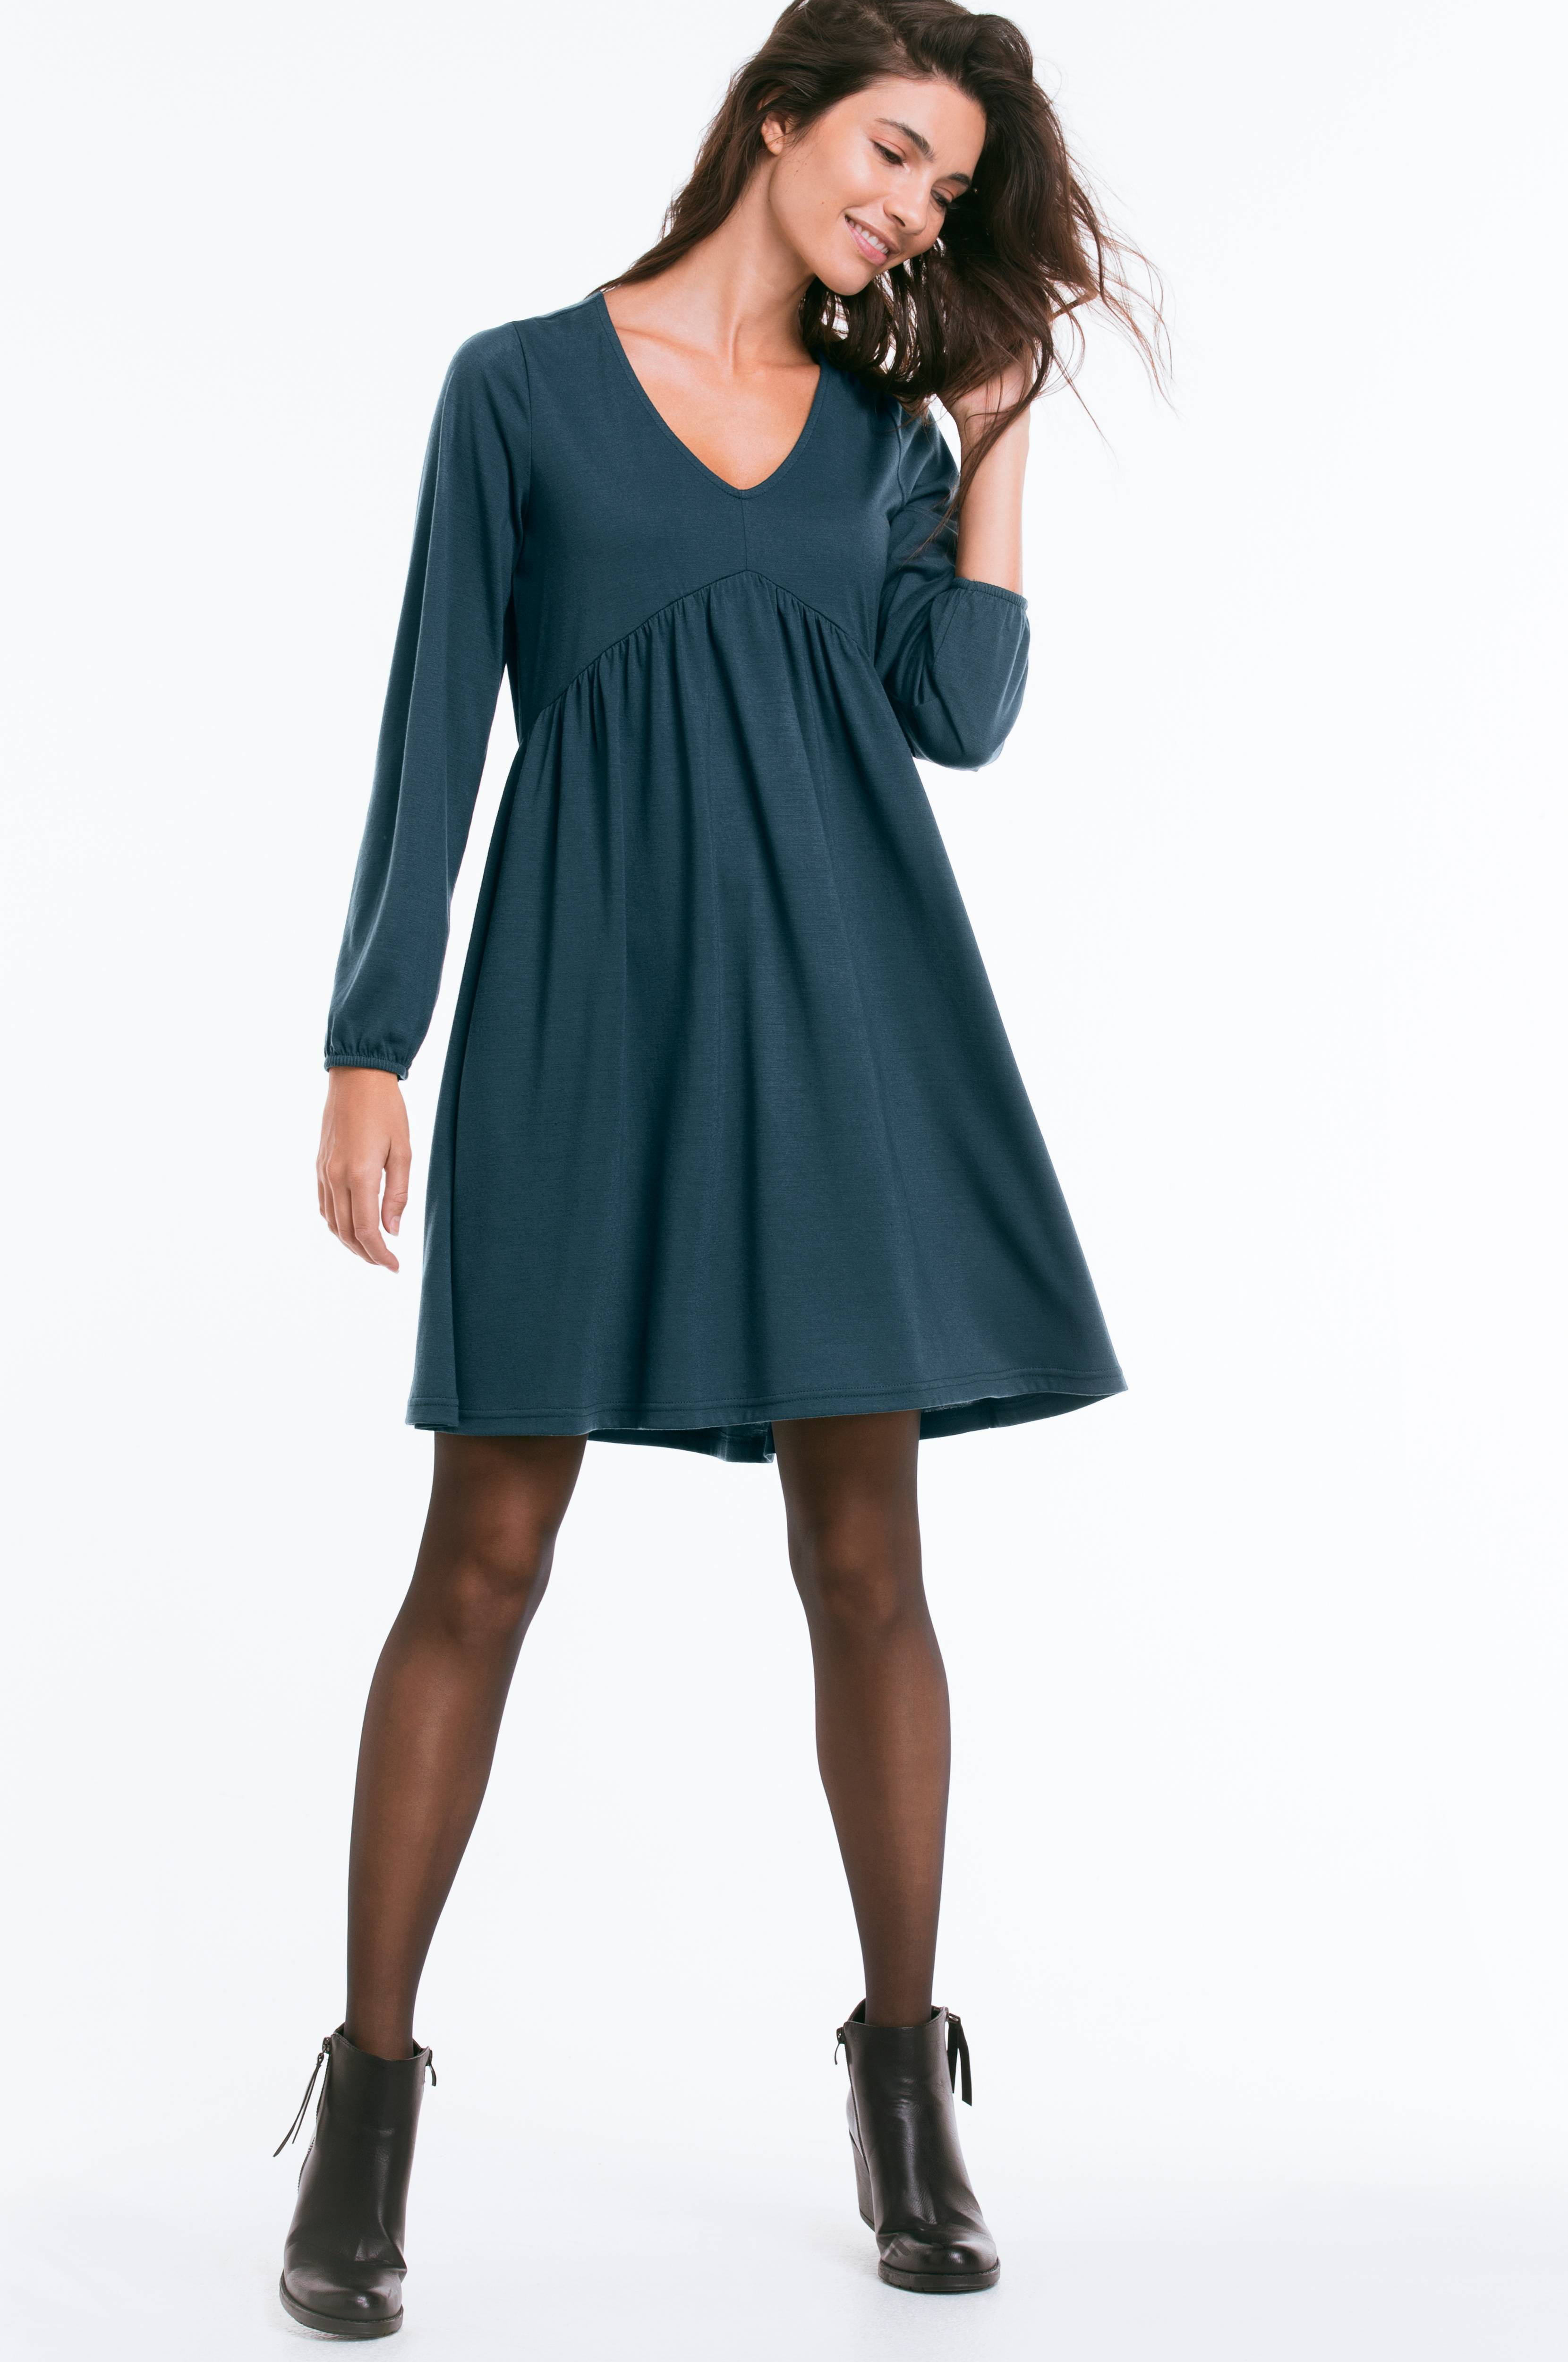 408b17abcfb8 Ellos Collection Langærmet kjole af jersey - Blå - Dame - Ellos.dk